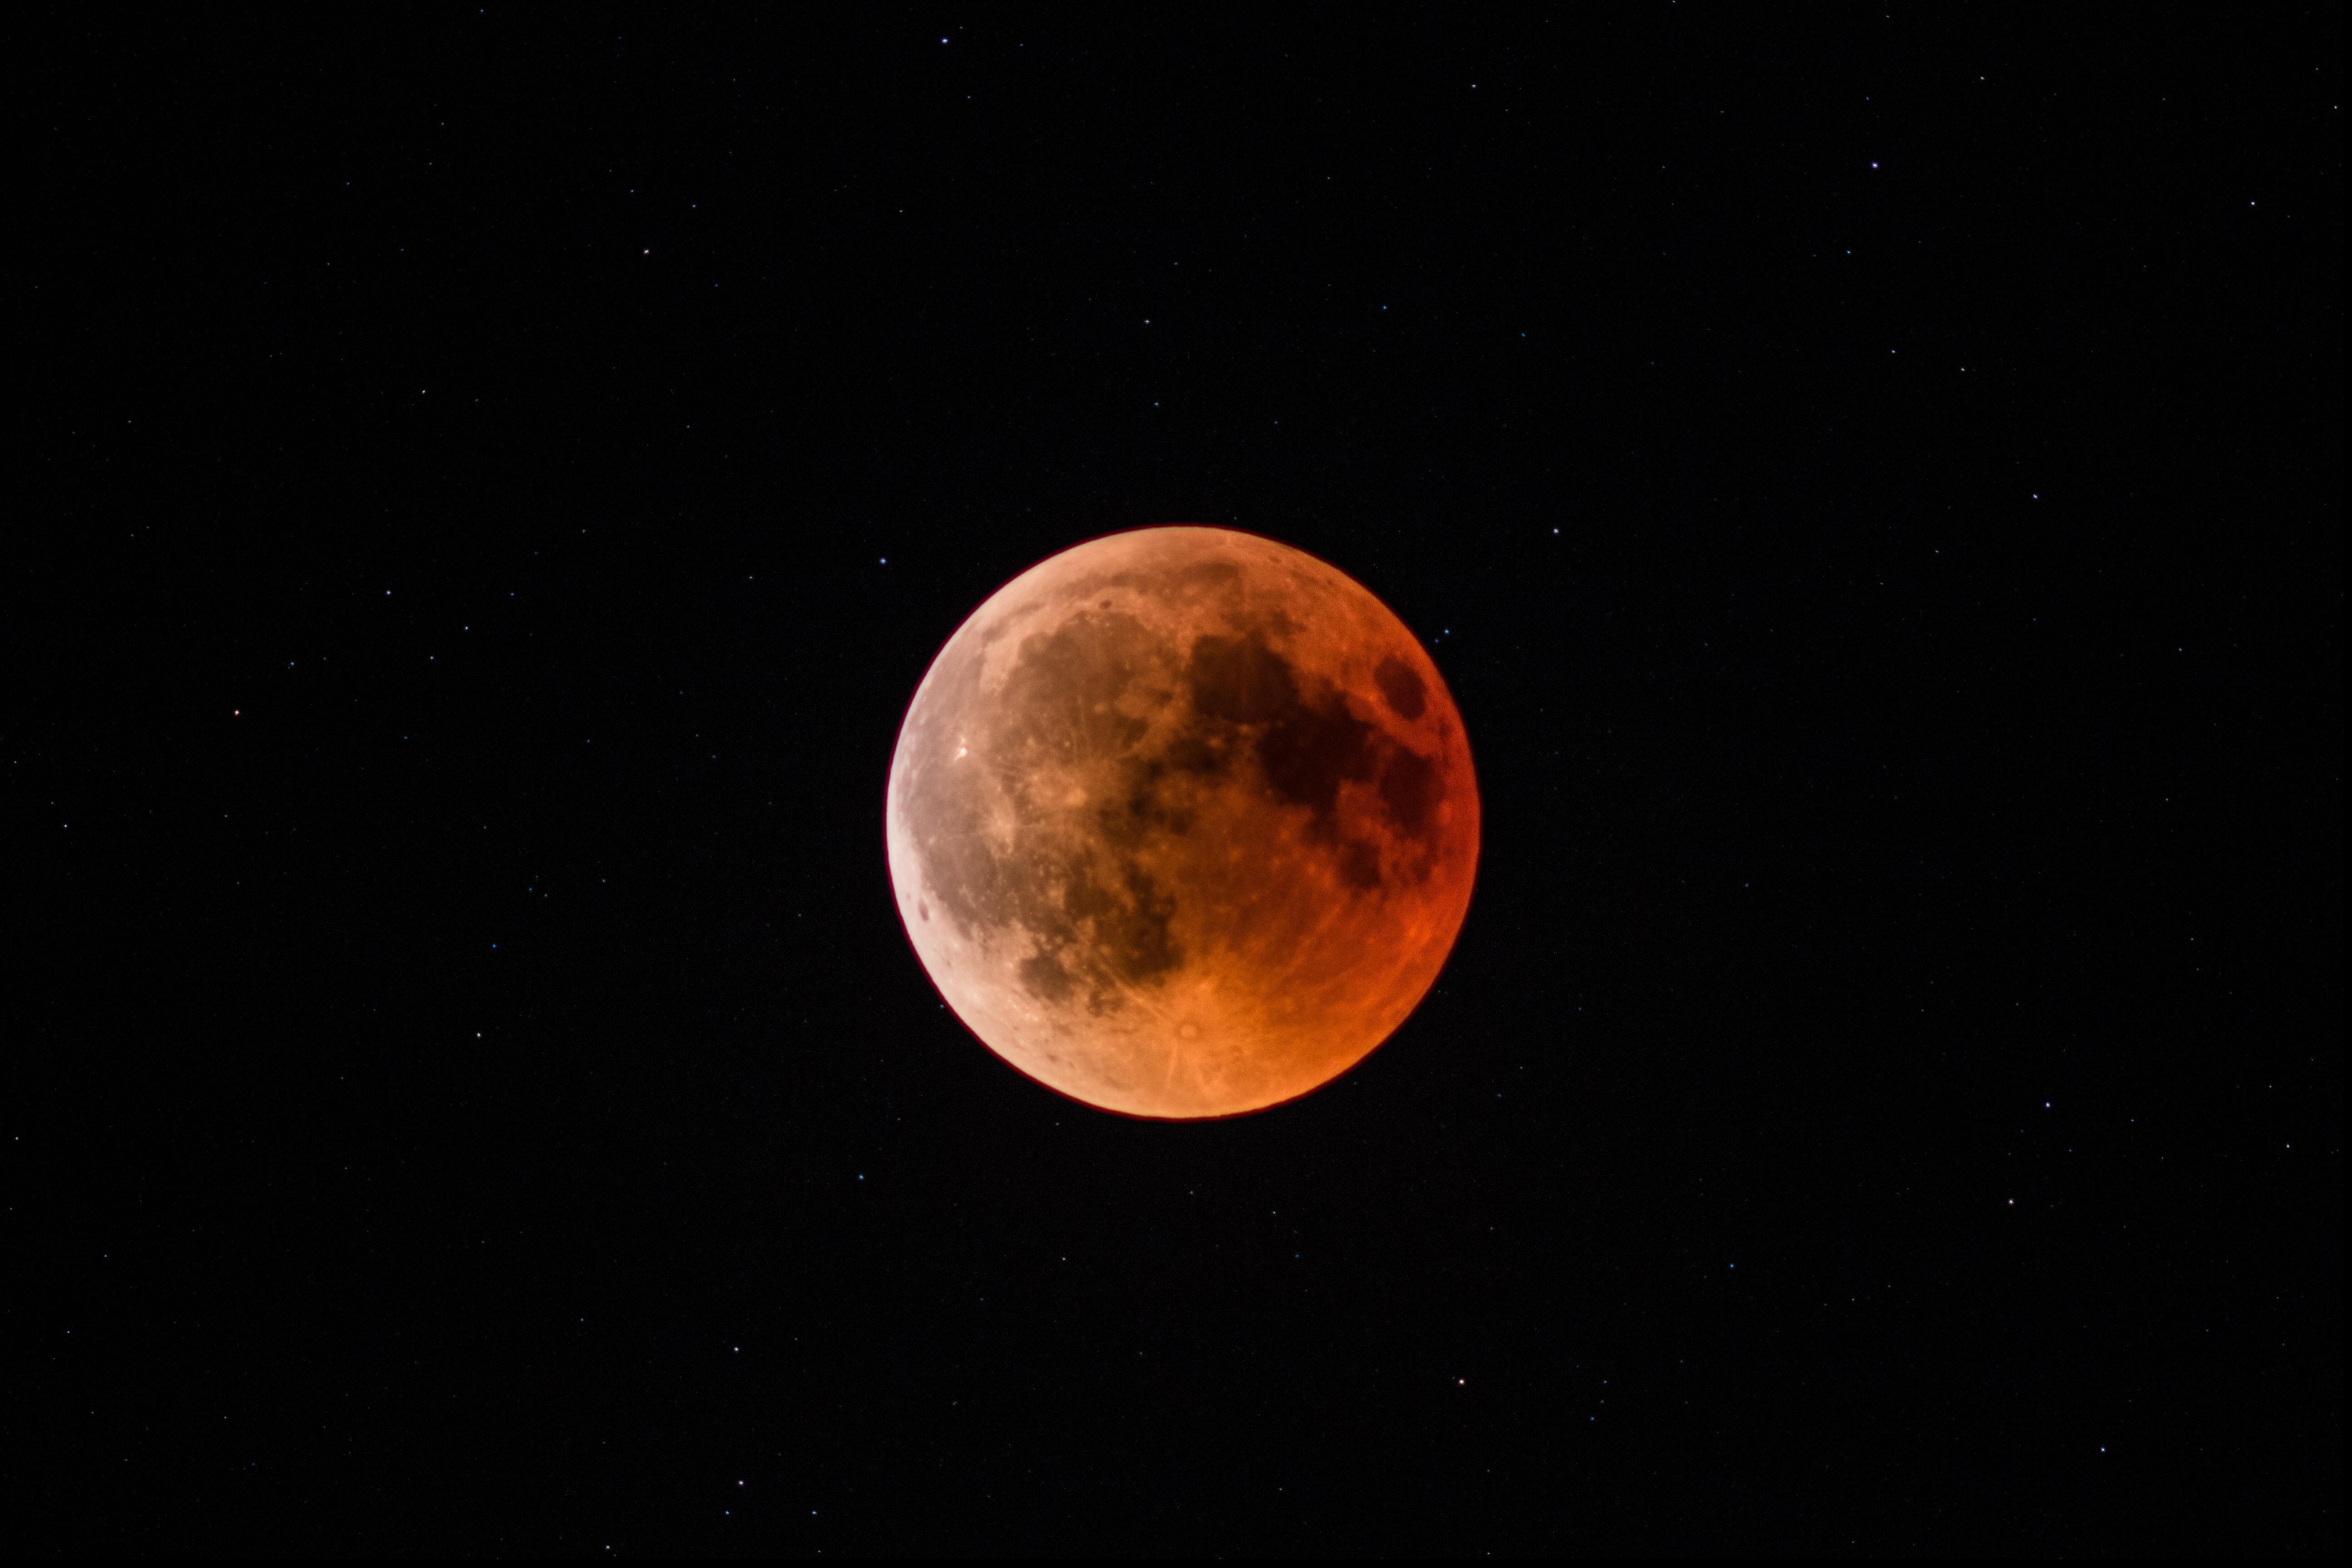 156411 скачать обои Луна, Небо, Космос, Звезды, Ночь, Полнолуние - заставки и картинки бесплатно